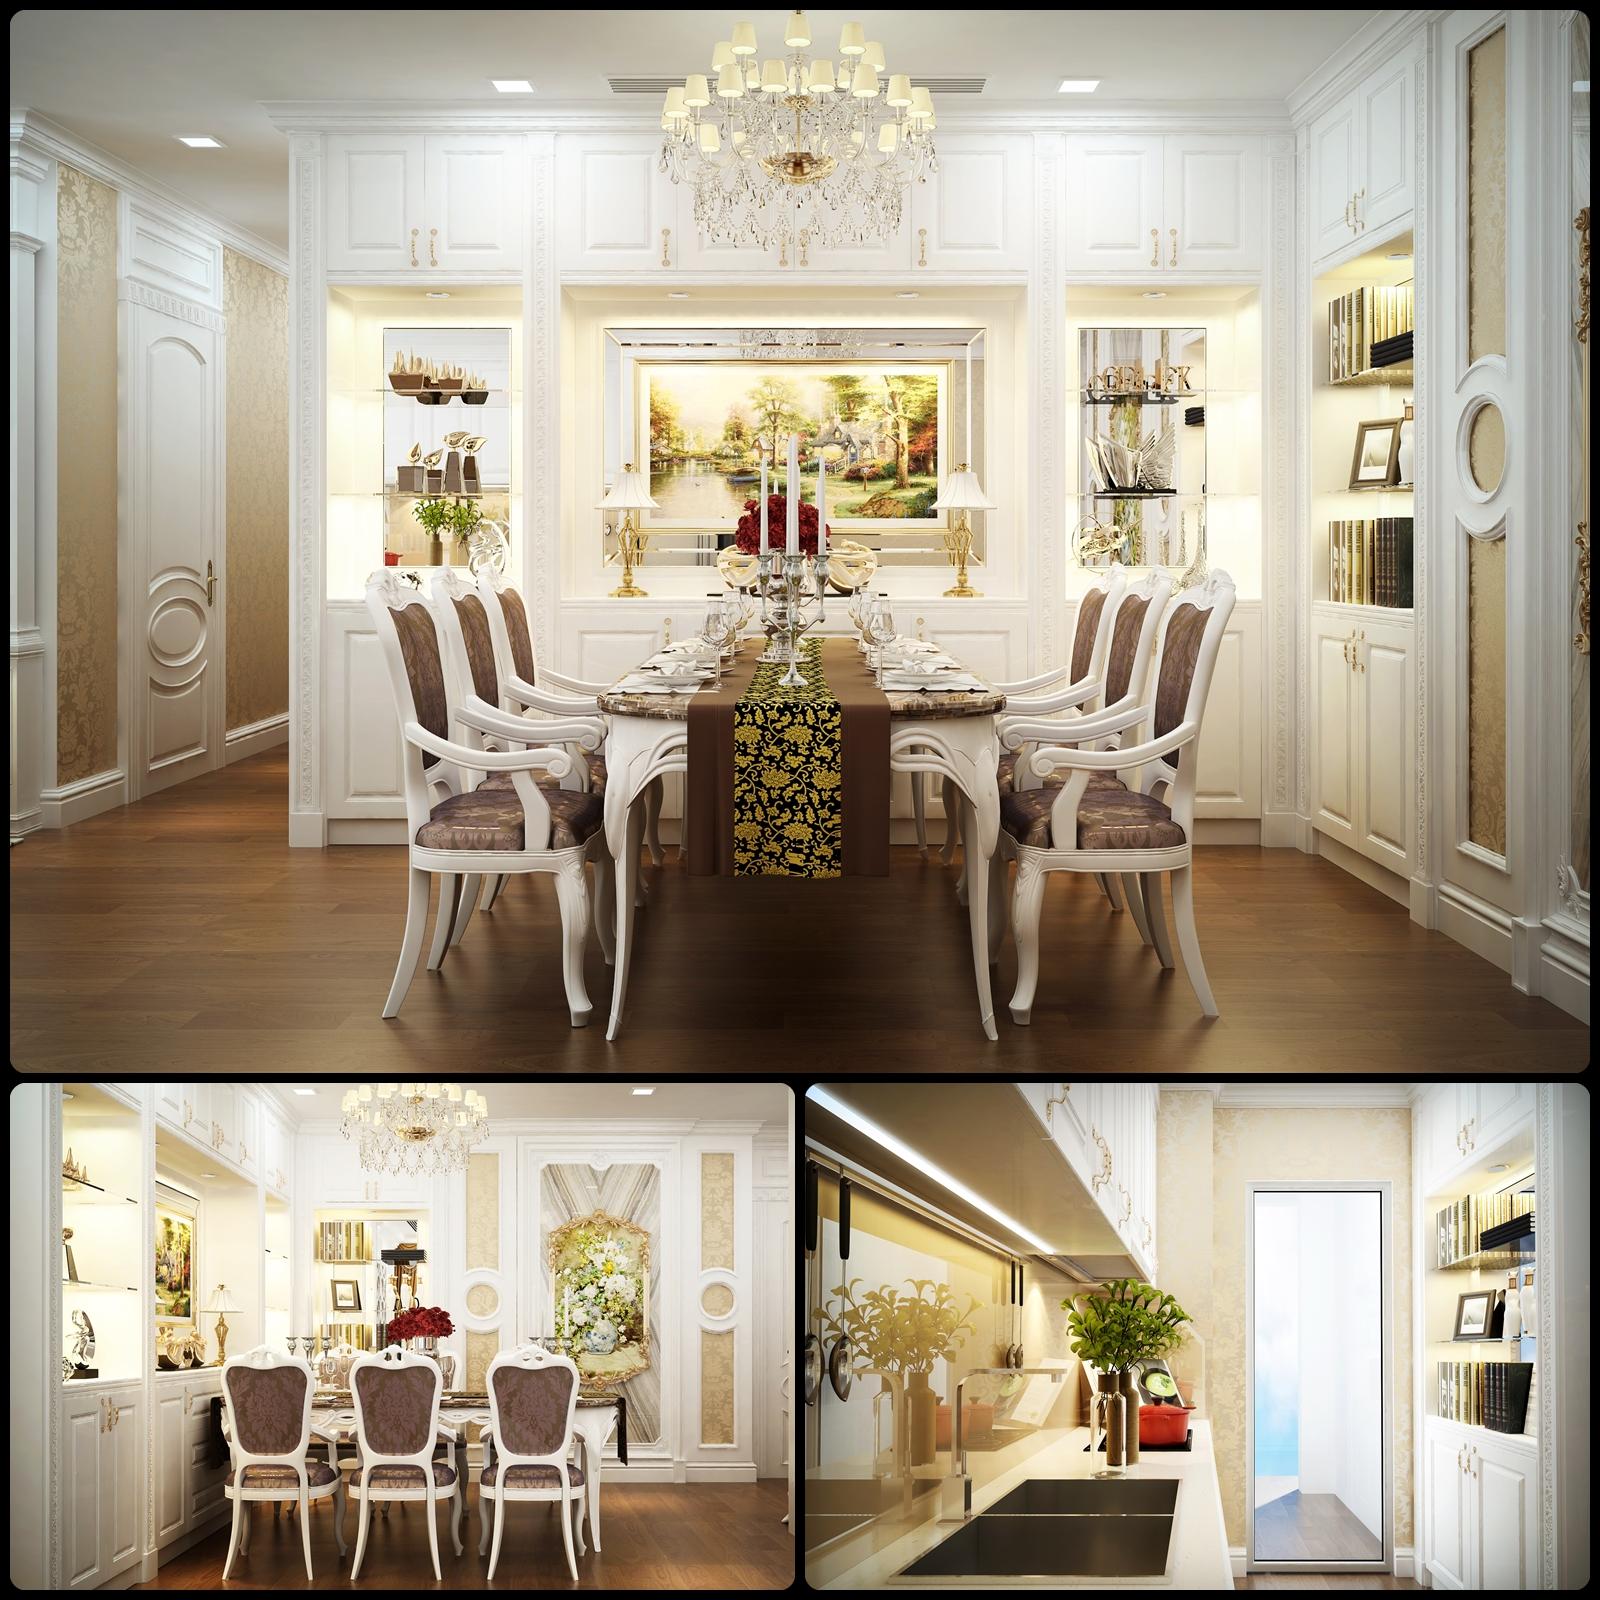 Thiết kế nội thất nhà phố cổ điển 1